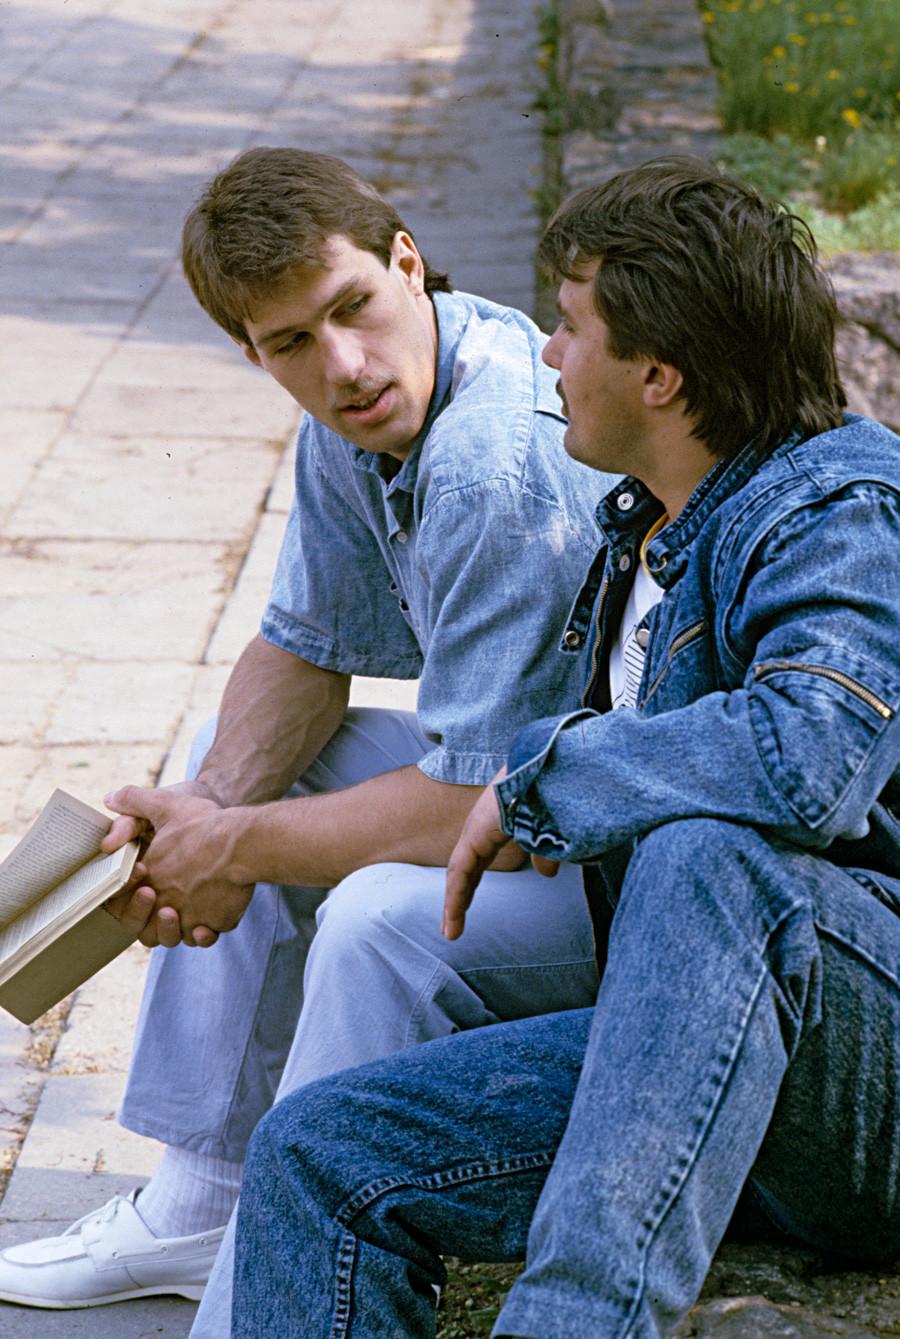 Quase todo mundo entrou na moda do jeans lavado em ácido.